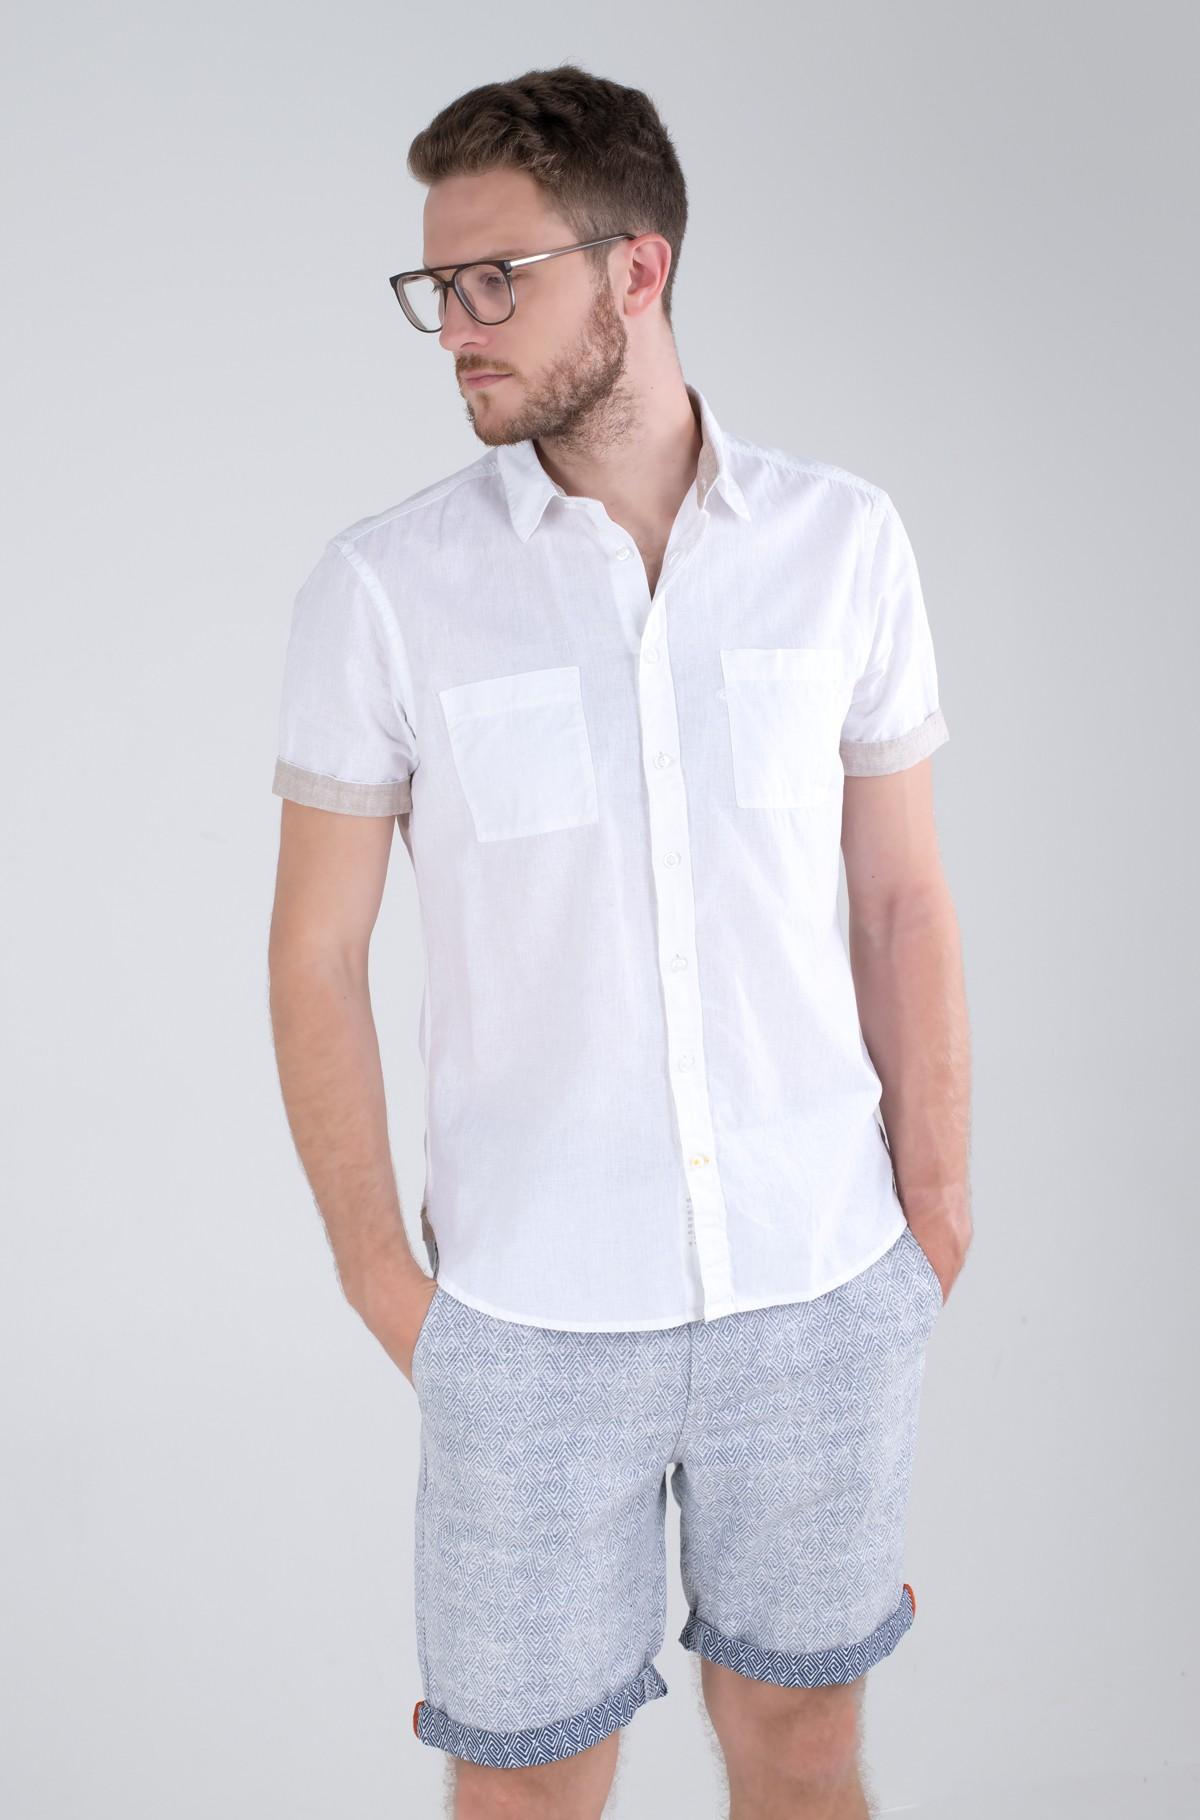 Marškiniai su trumpomis rankovėmis 409238/5S49-full-1